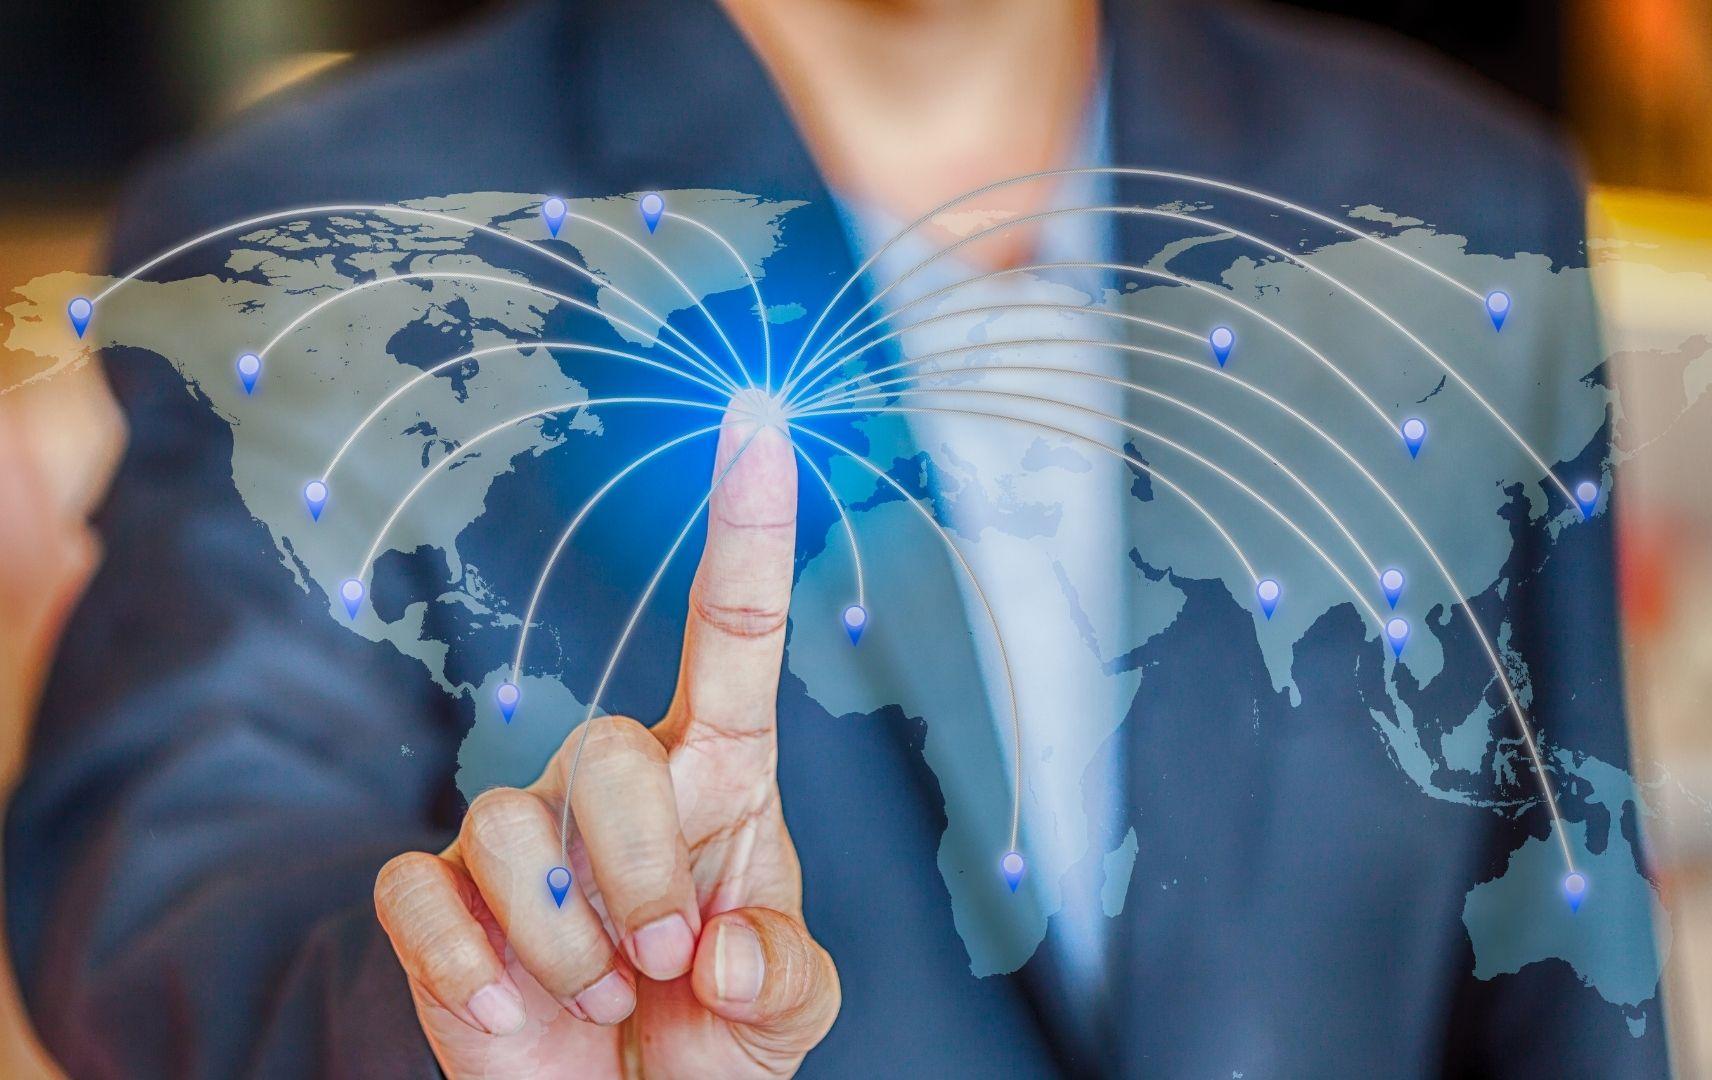 Globales Netzwerk - Finger auf Weltkarte